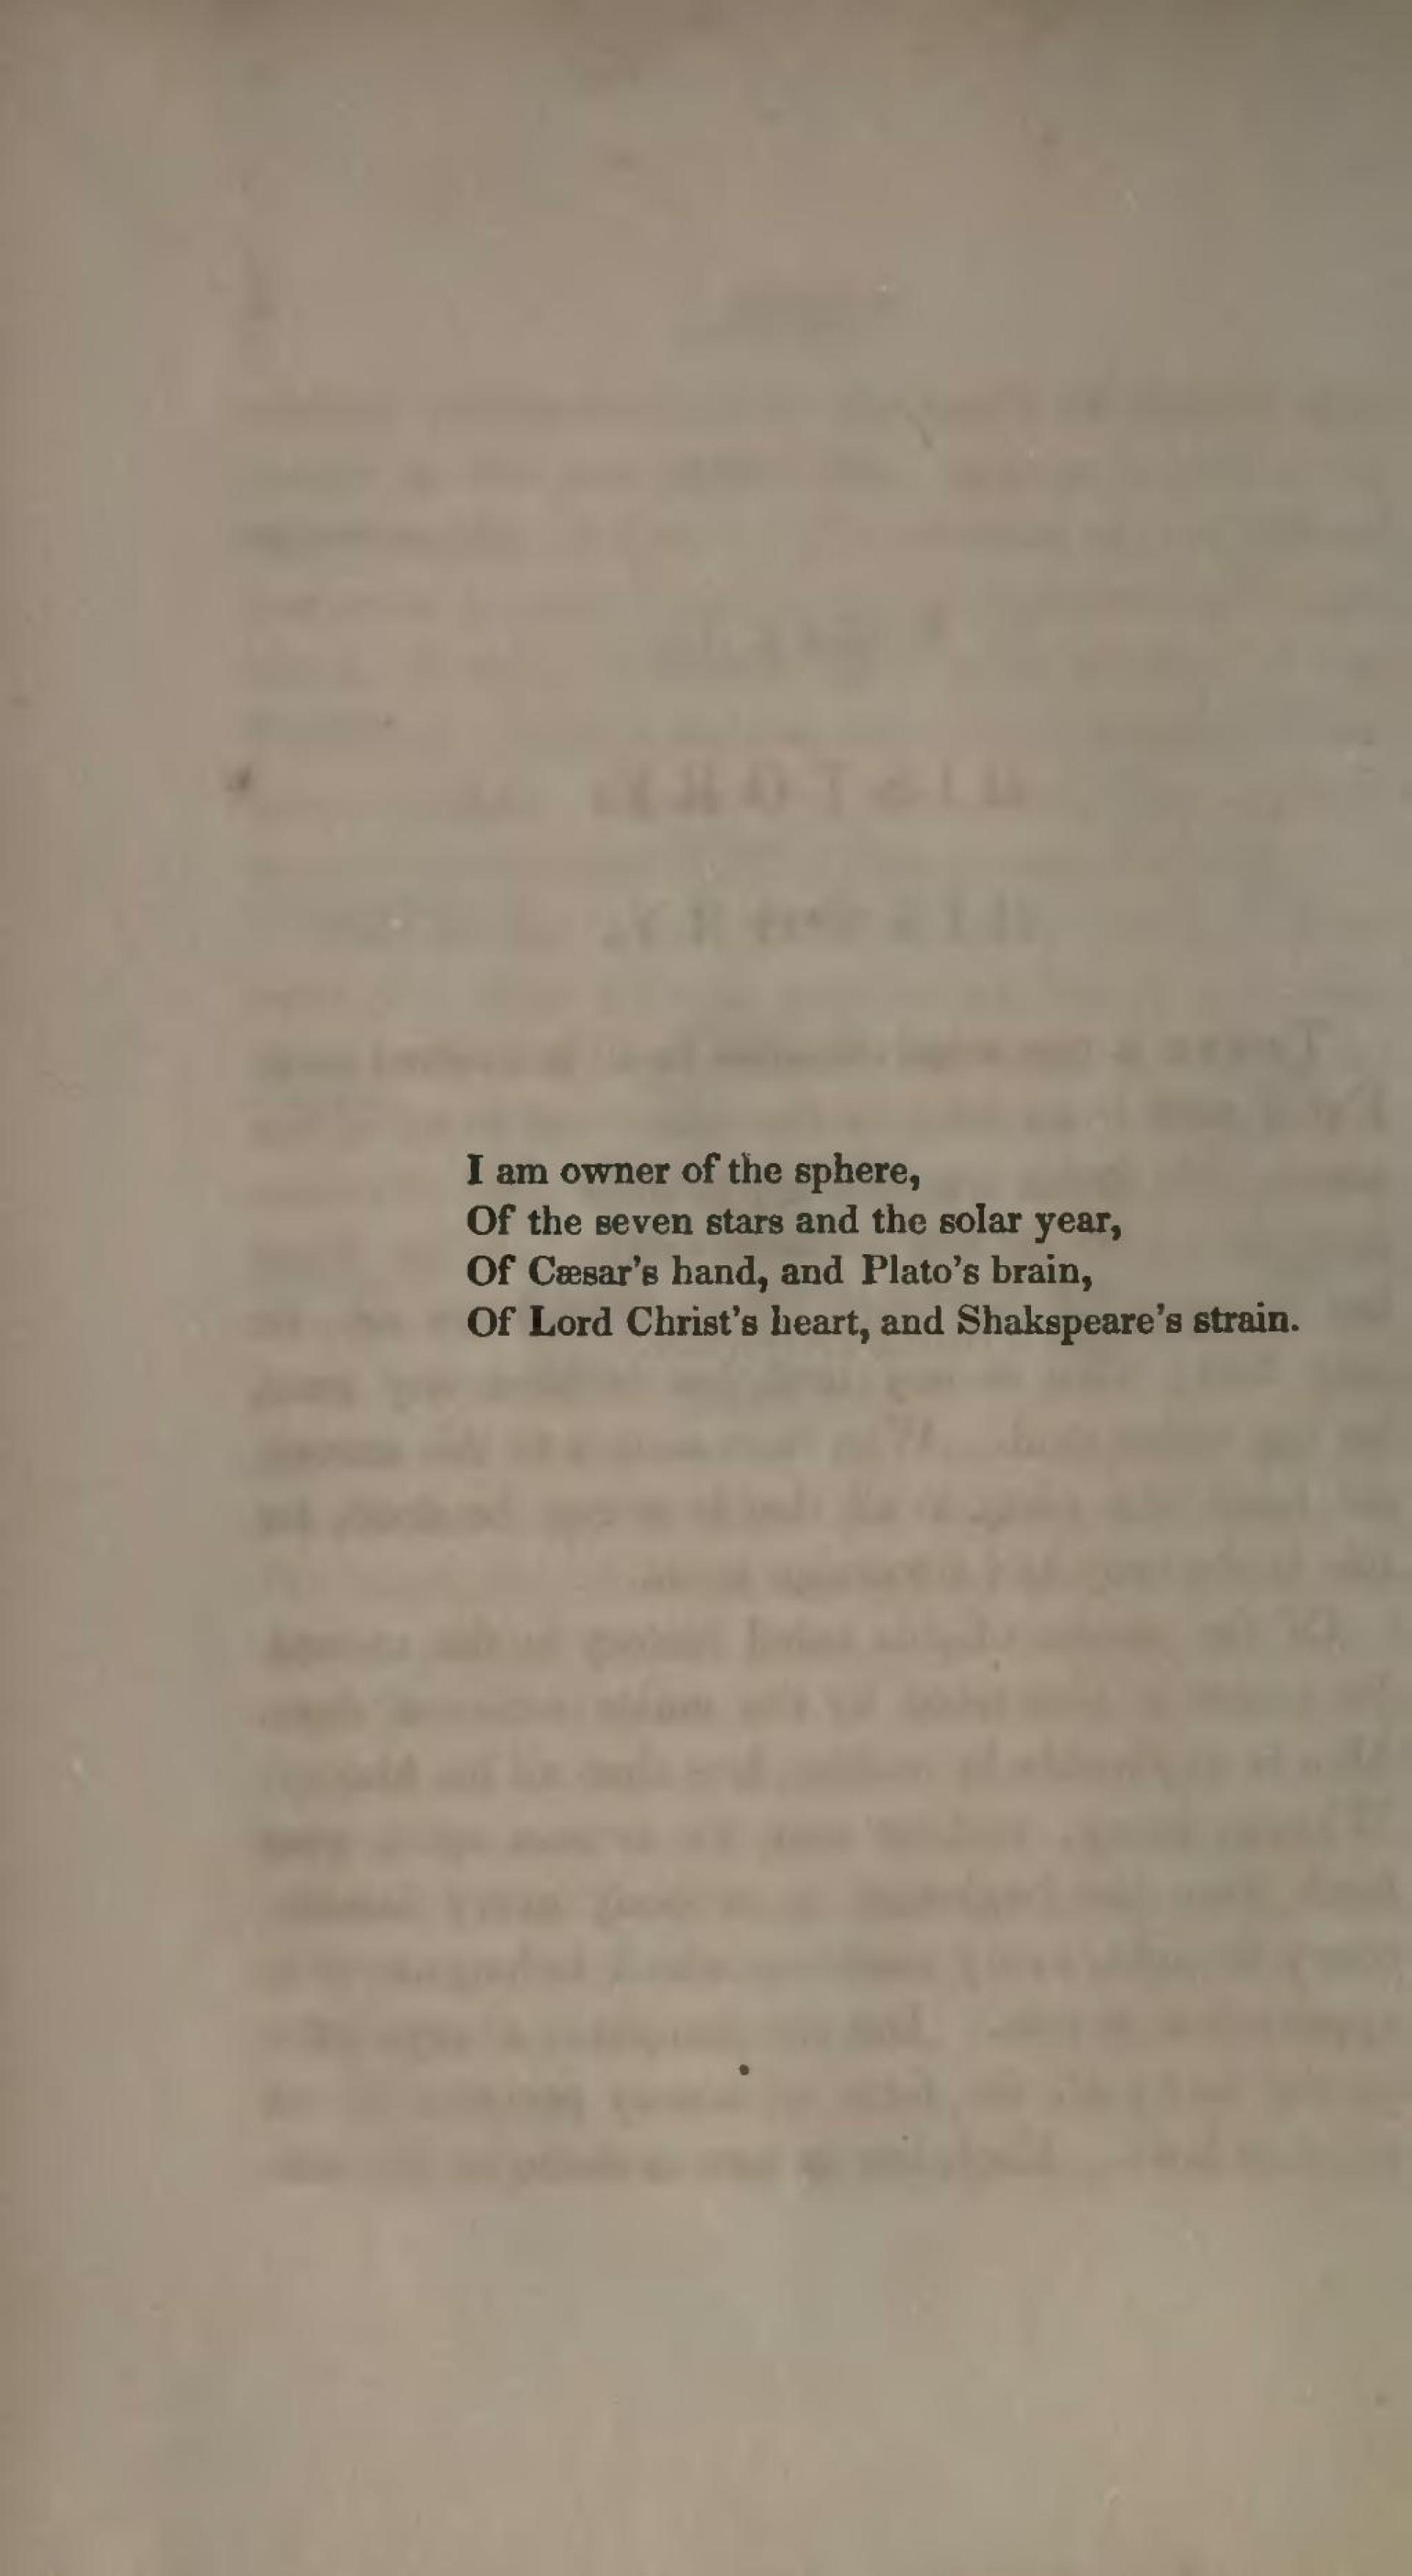 023 Essays First Series Page14 1024px Essays2c 28184729 Djvu Essay Stunning In Zen Buddhism Emerson's Value 1920